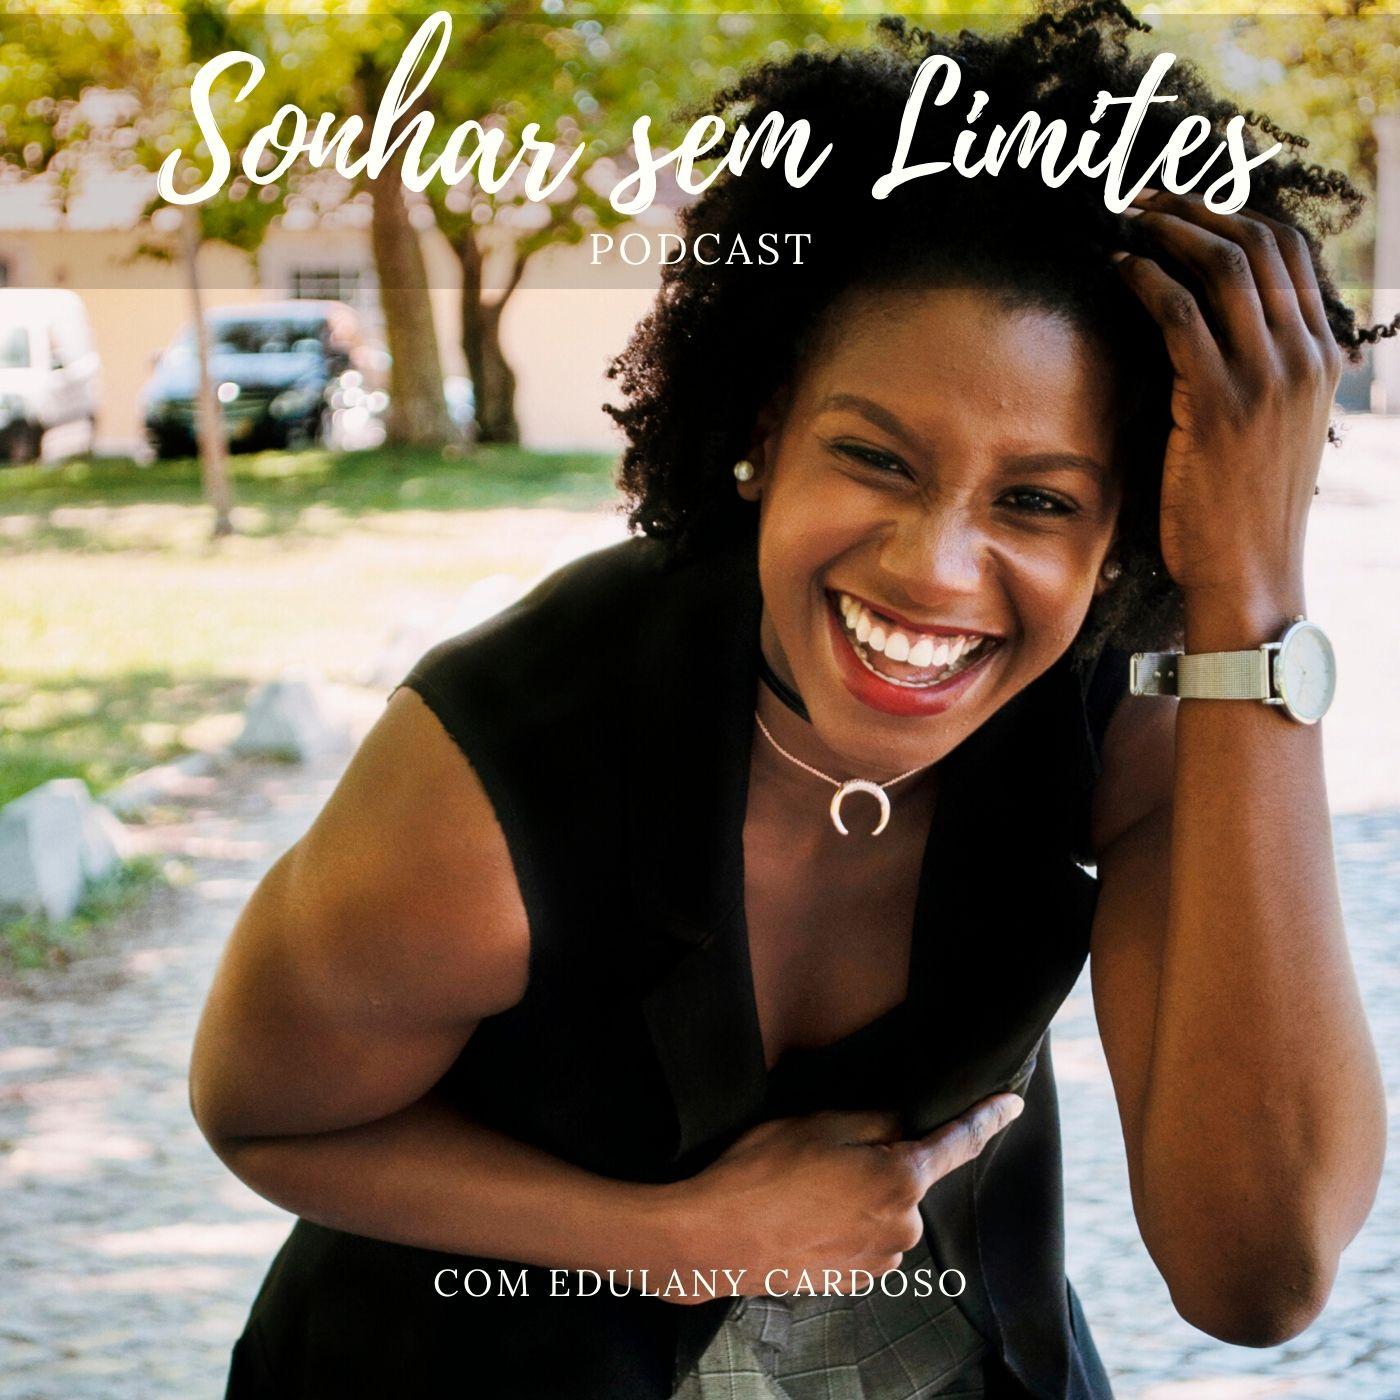 Sonhar Sem Limites Podcast: Inspirar mulheres a confiarem em si e irem atrás dos seus sonhos show image